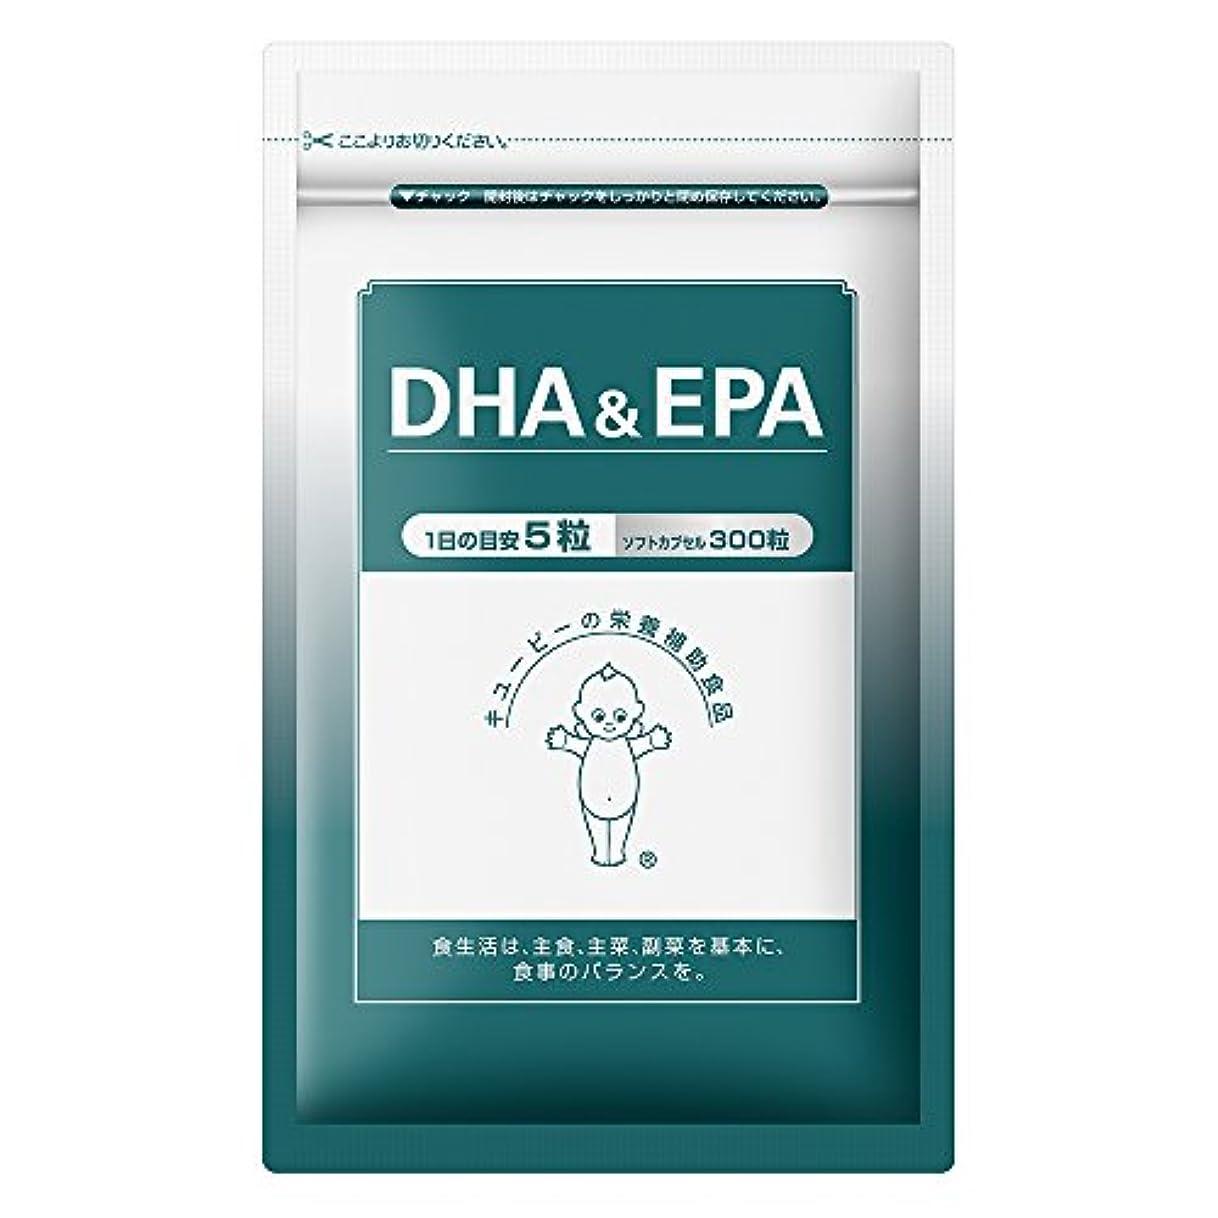 効能膨張する住人キユーピー DHA&EPA 60日分